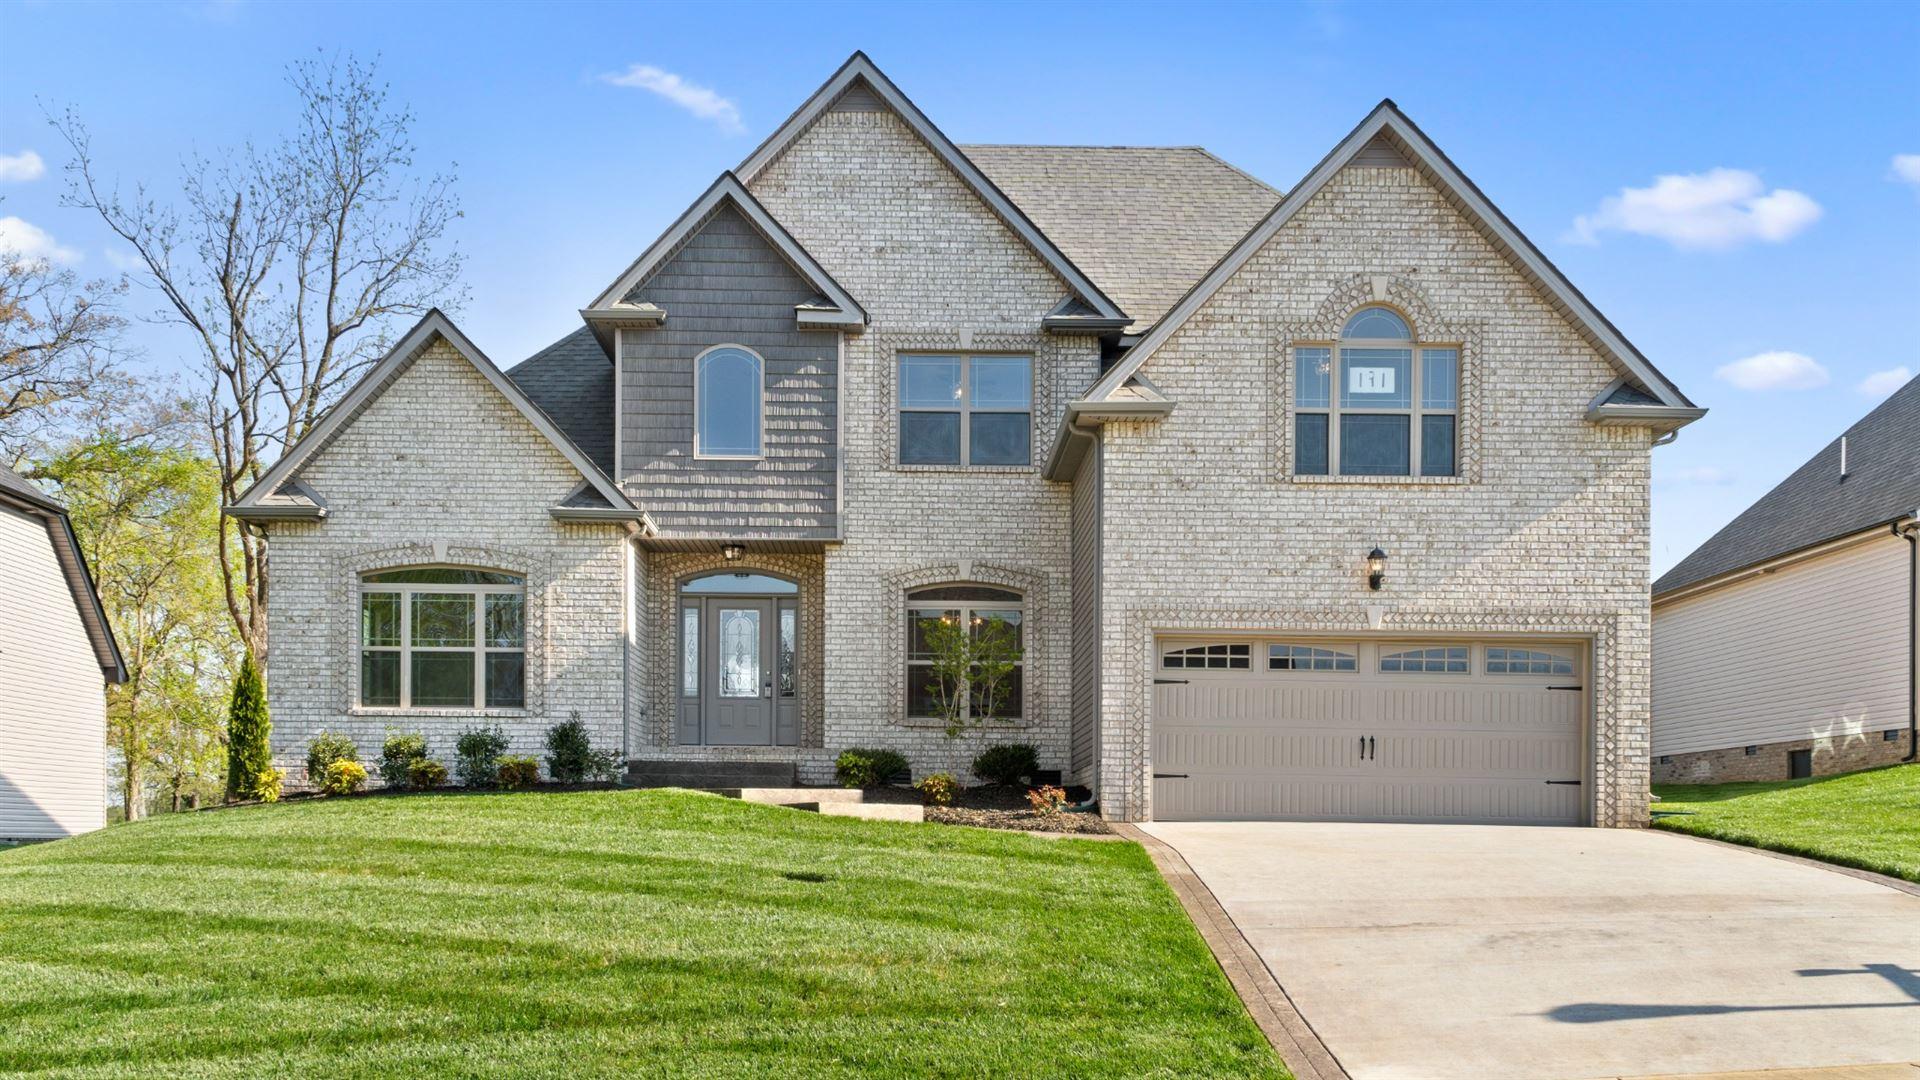 489 Autumnwood, Clarksville, TN 37042 - MLS#: 2214348